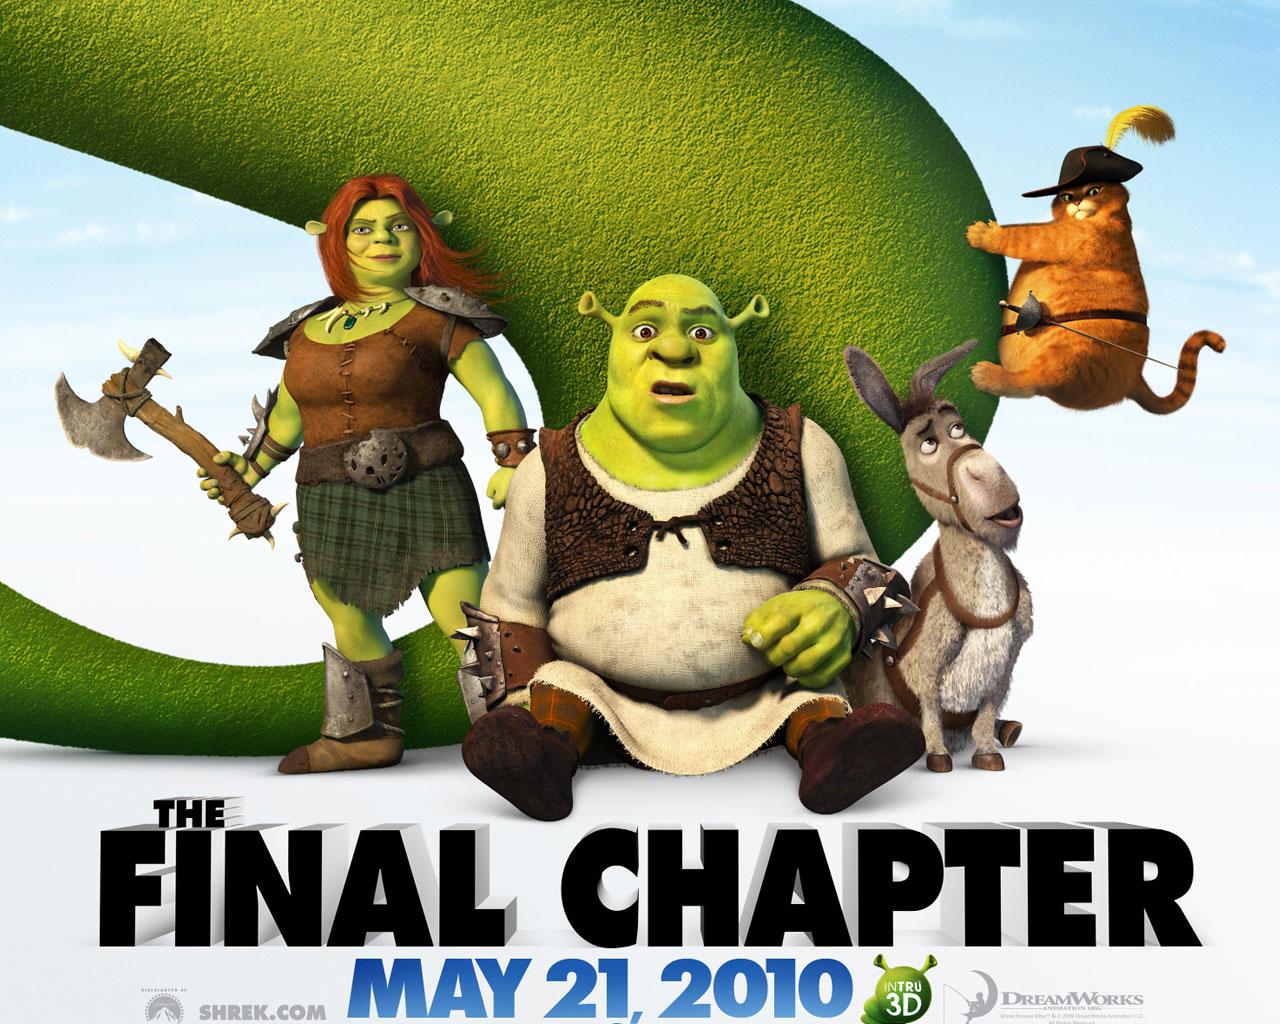 http://1.bp.blogspot.com/_cZuaghvCasw/TCBhTW_dLZI/AAAAAAAAG1o/F2M3jBUKcCs/s1600/shrek_forever_after_official-normal5.4.jpg